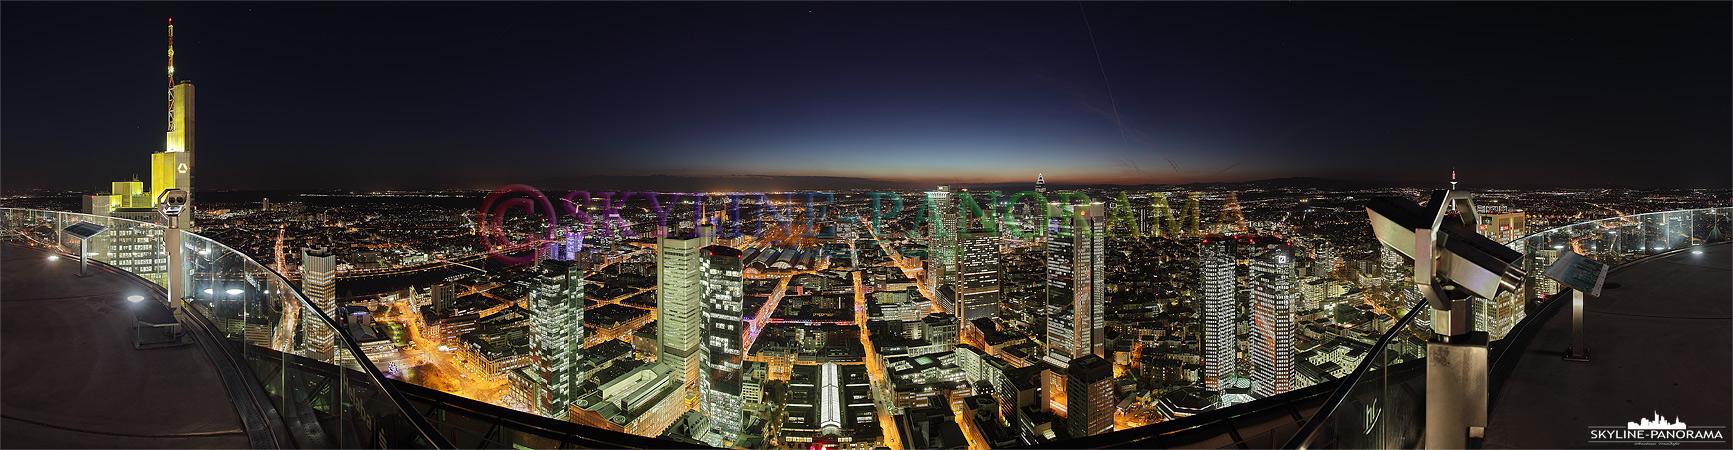 Panorama Bild - die Frankfurter Skyline zur einbrechenden Nacht von der Aussichtsplattform des Maintowers gesehen, der Blick geht über das Lichtermeer der Mainmetropole.